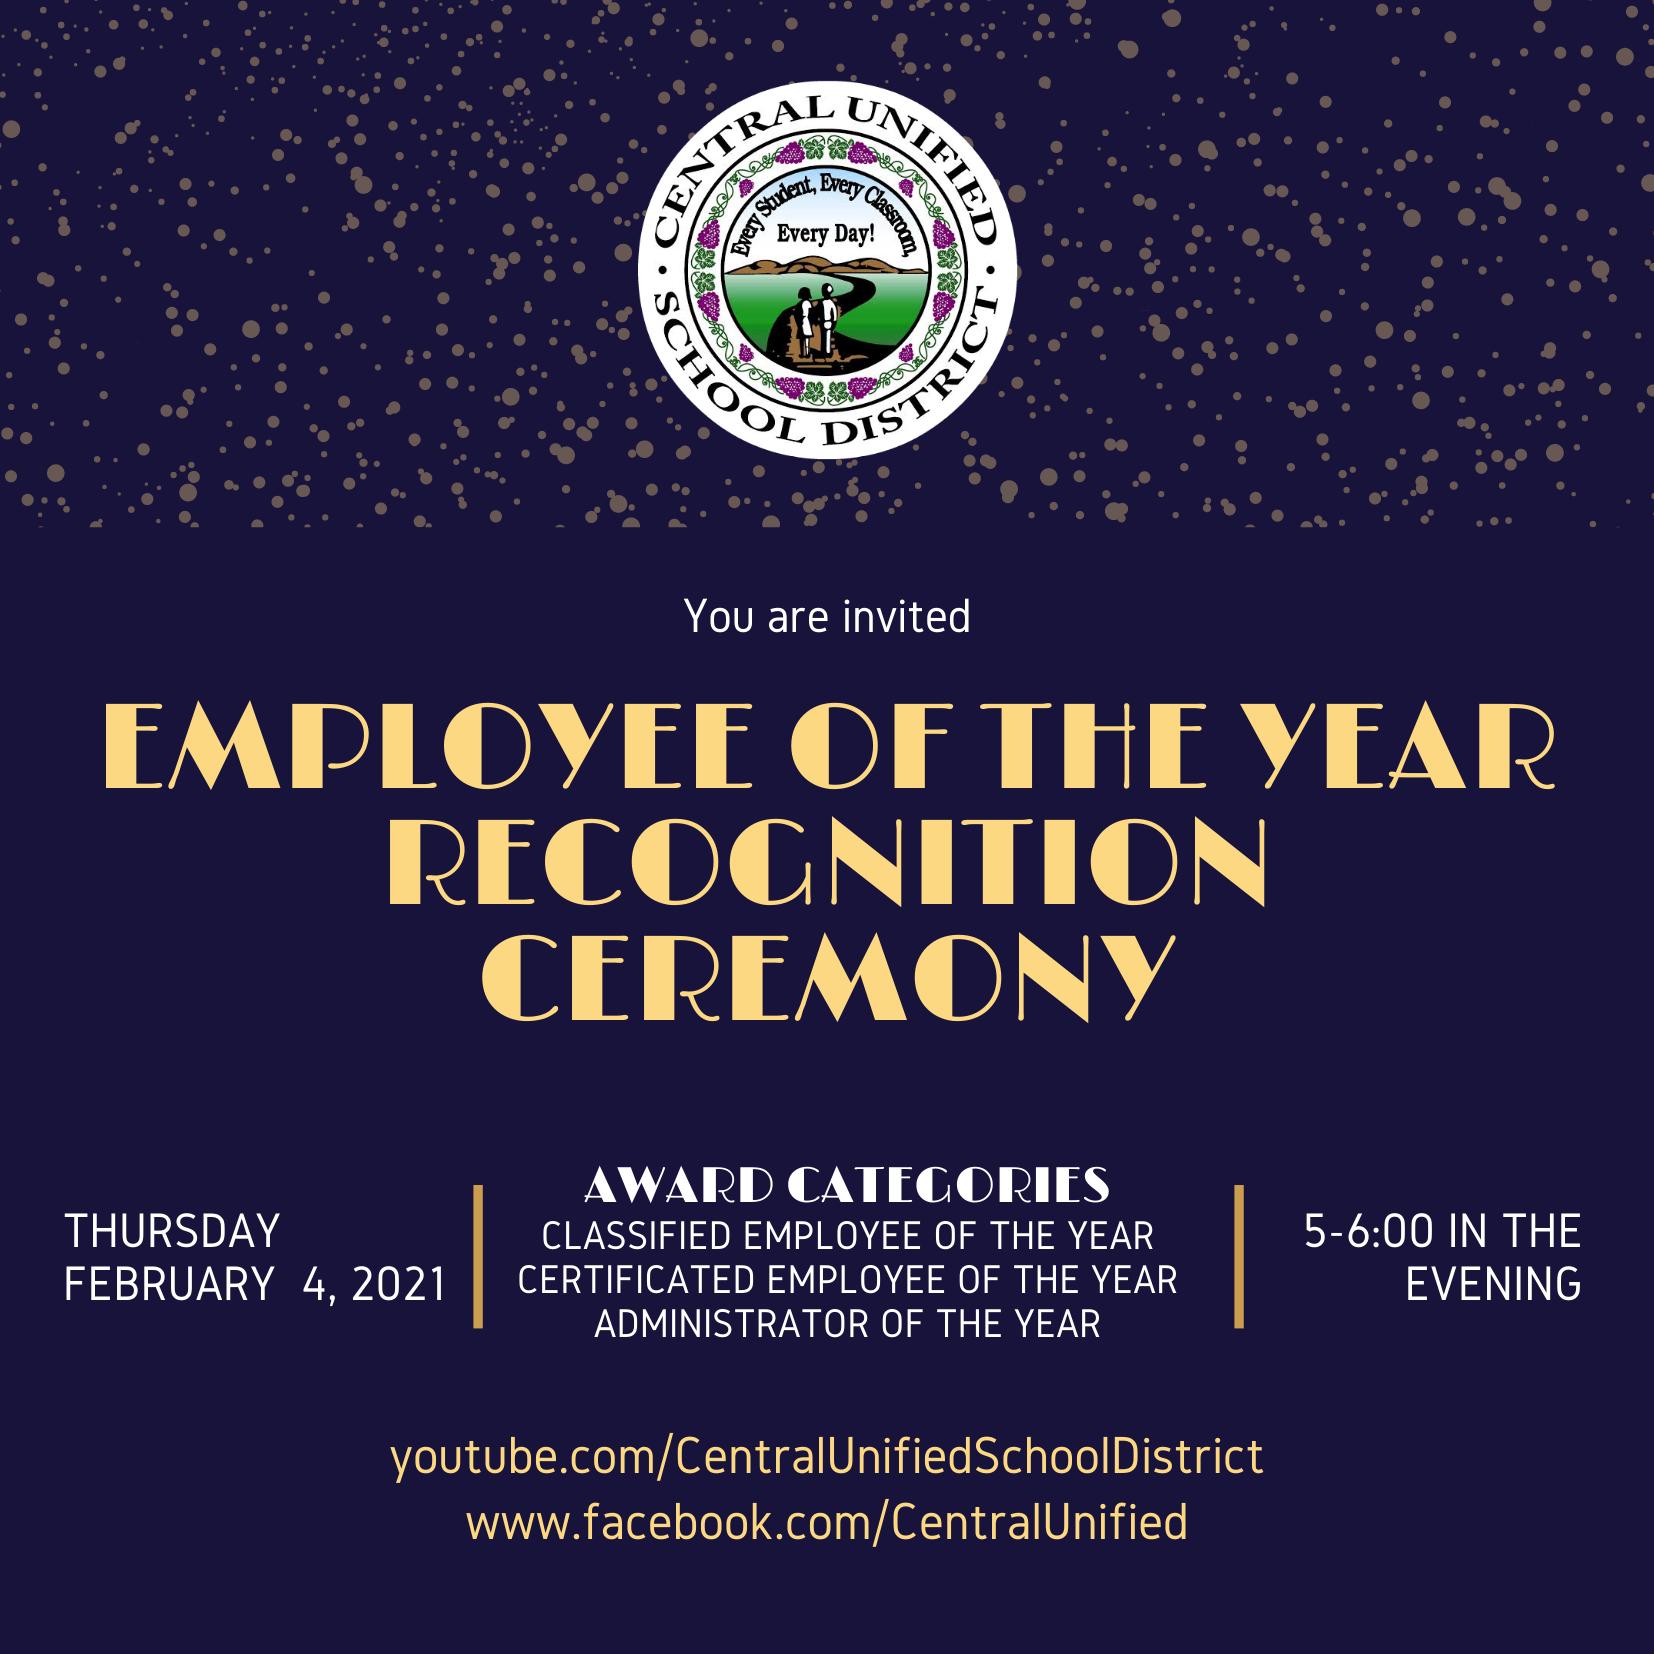 2021 EOY Ceremony